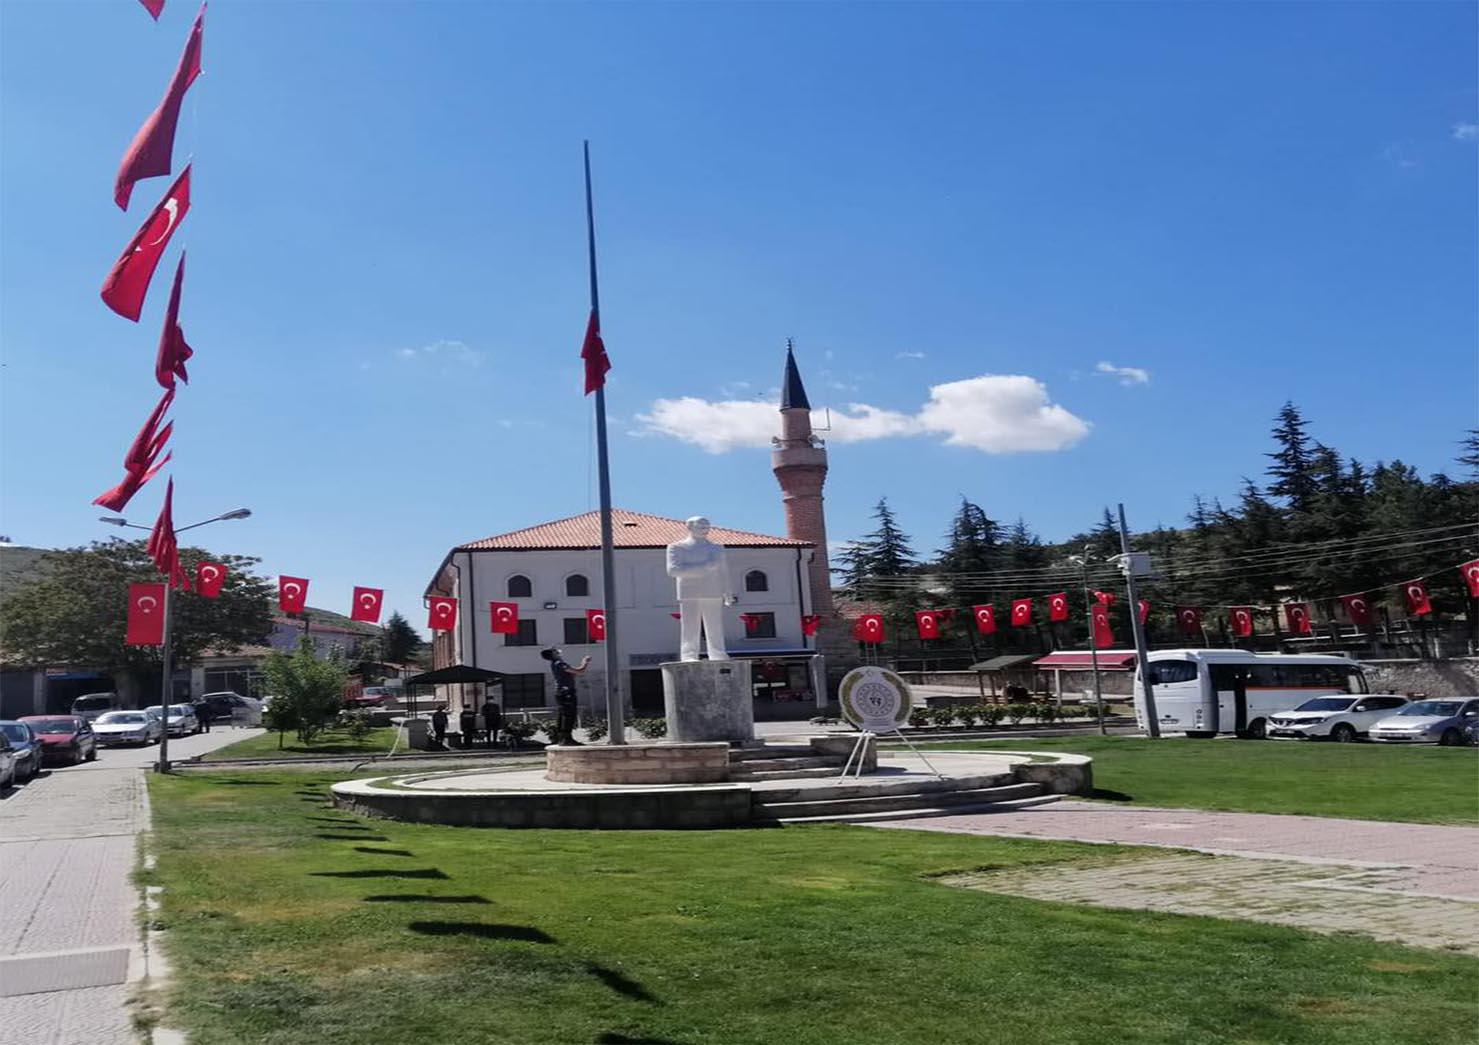 SEYİTGAZİ'DE  19 MAYIS ATATÜRK'Ü ANMA GENÇLİK VE SPOR BAYRAMI KUTLAMALARI